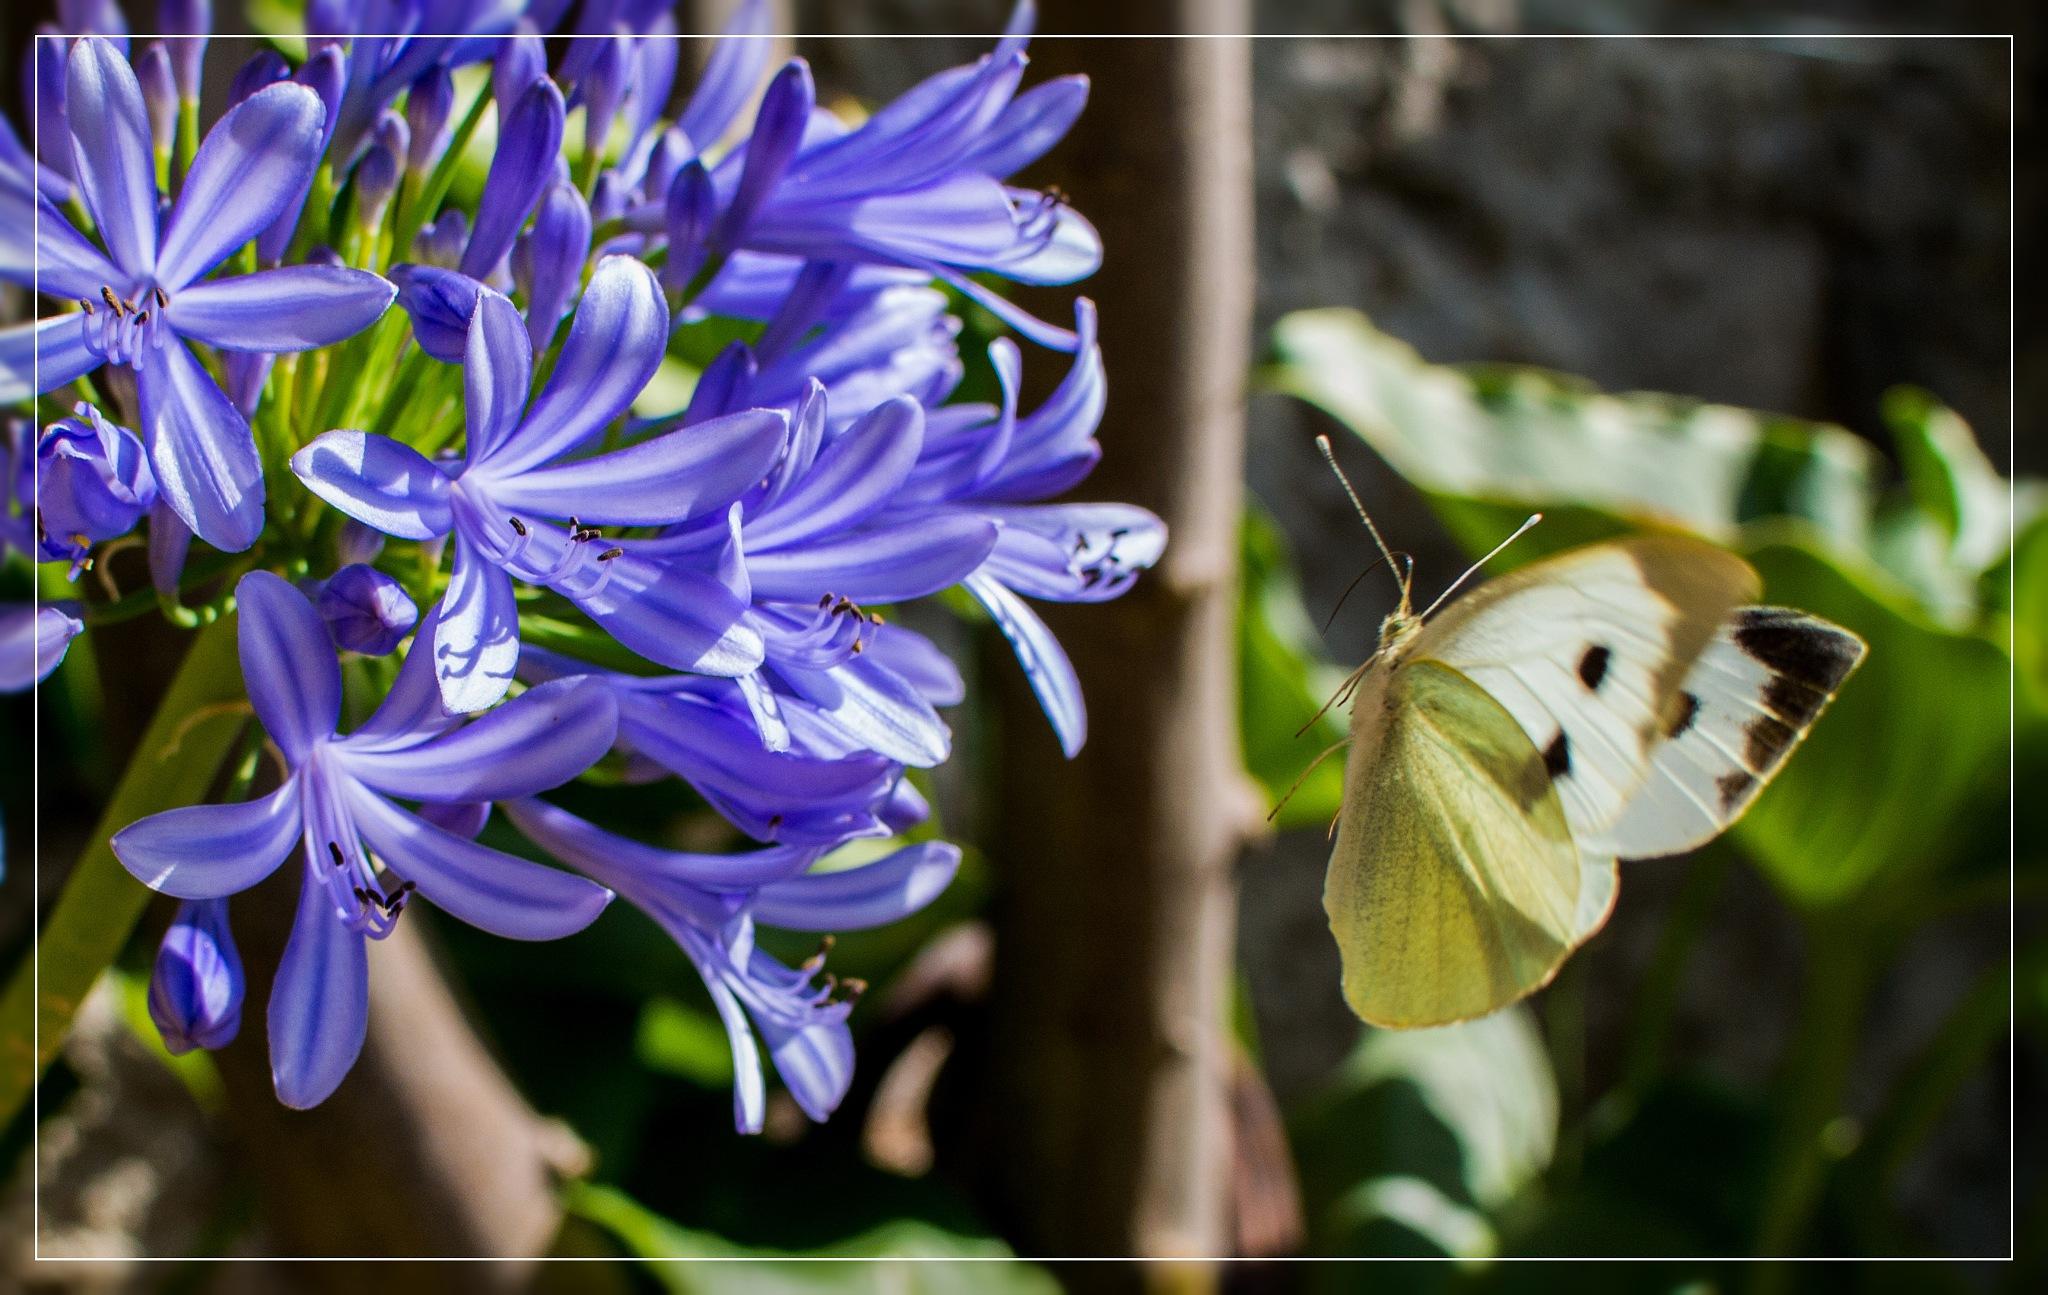 Farfalla by corvonero